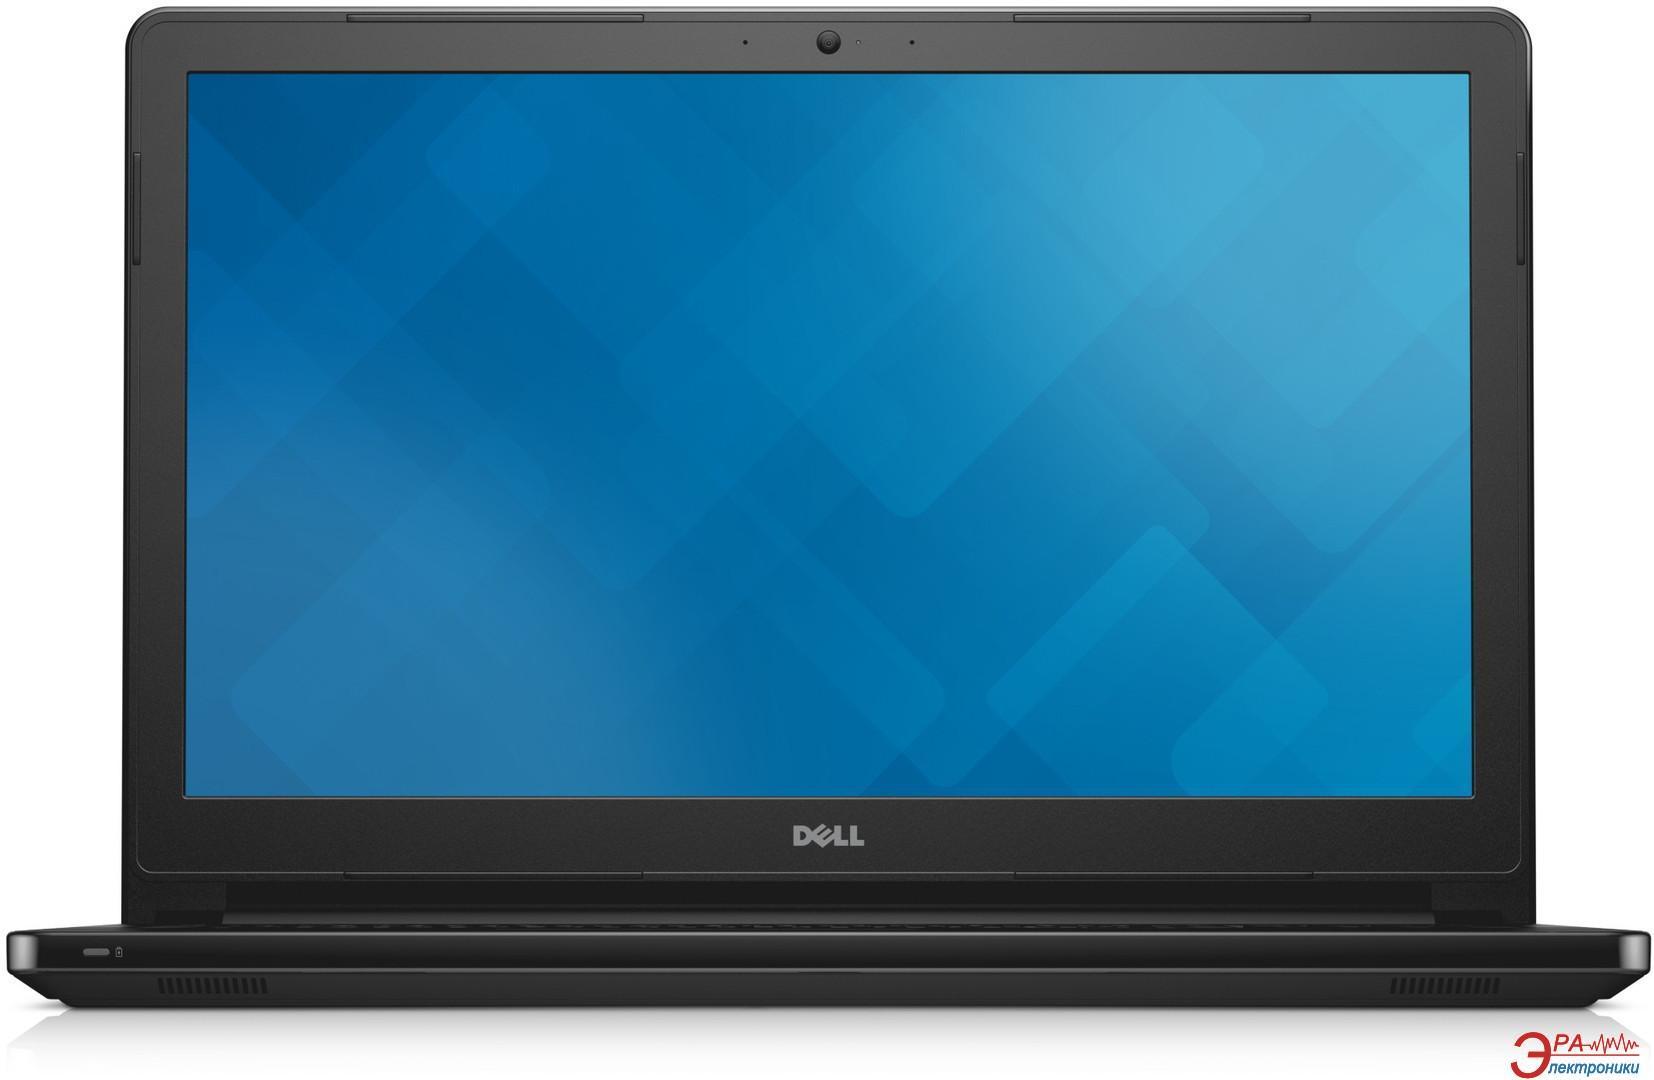 Ноутбук Dell Vostro 15 3558 (VAN15BDW1603_006_ubu) Black 15,6